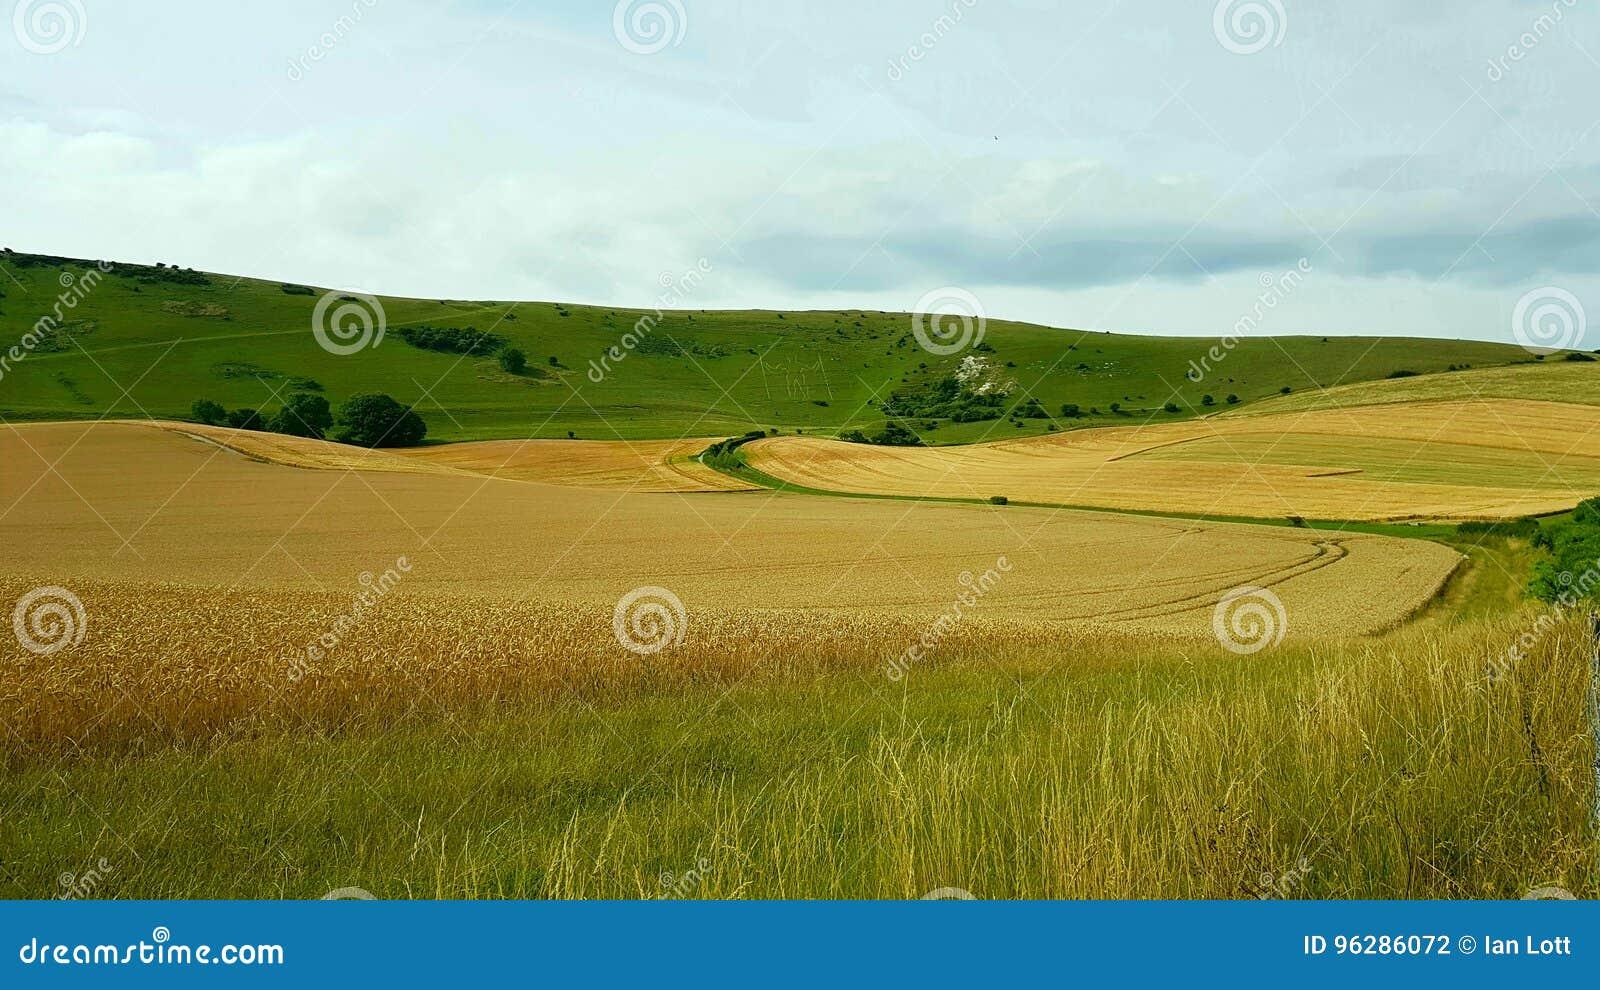 Isde TheLange Mens vanWilmingtonheuvelafigureop de steile hellingen van Windover-Heuvel nearWilmington, Oost-Sussex,